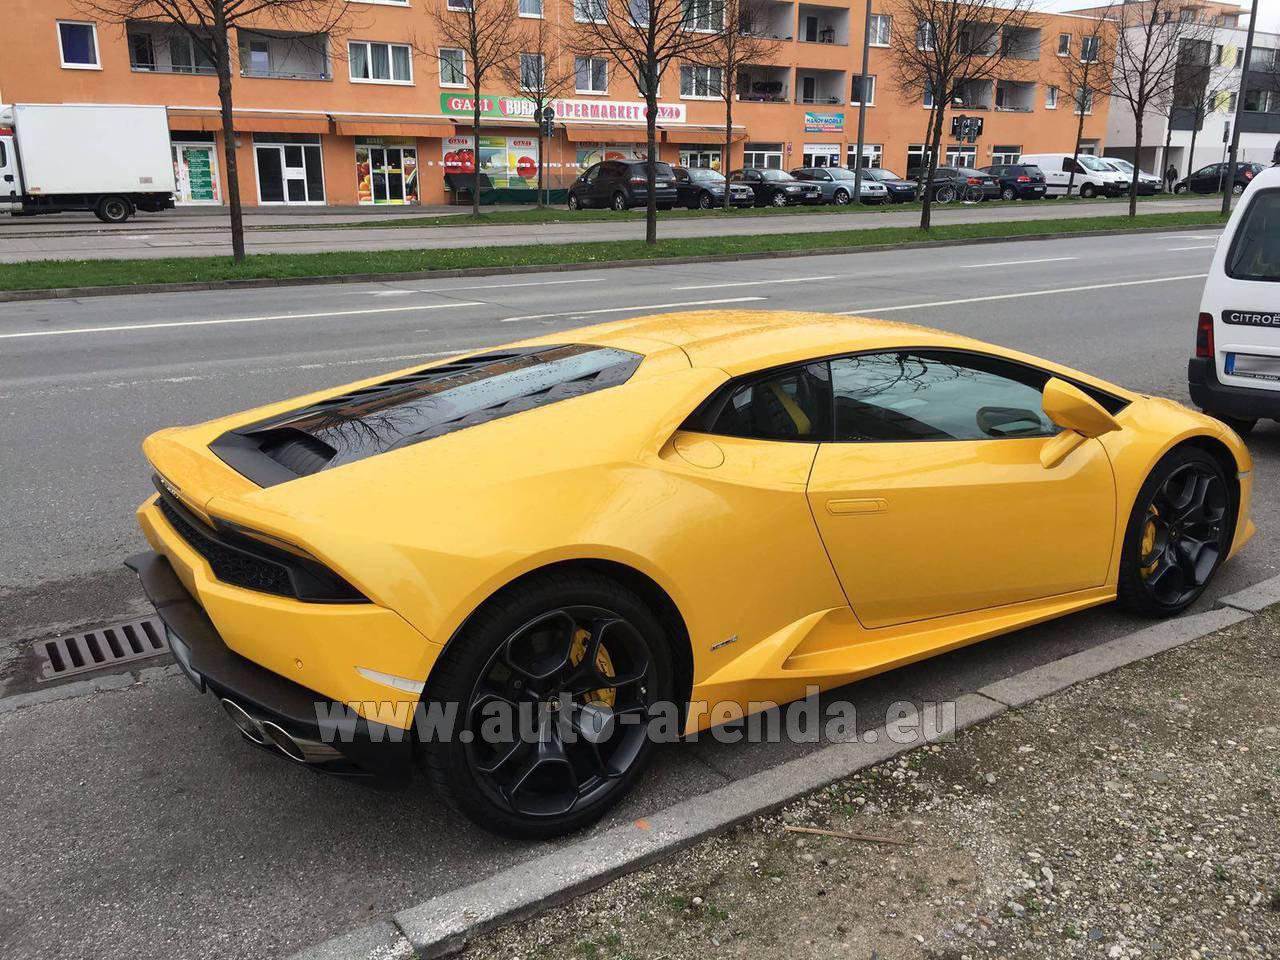 Belgium Lamborghini Huracan Lp 610 4 Yellow Rental